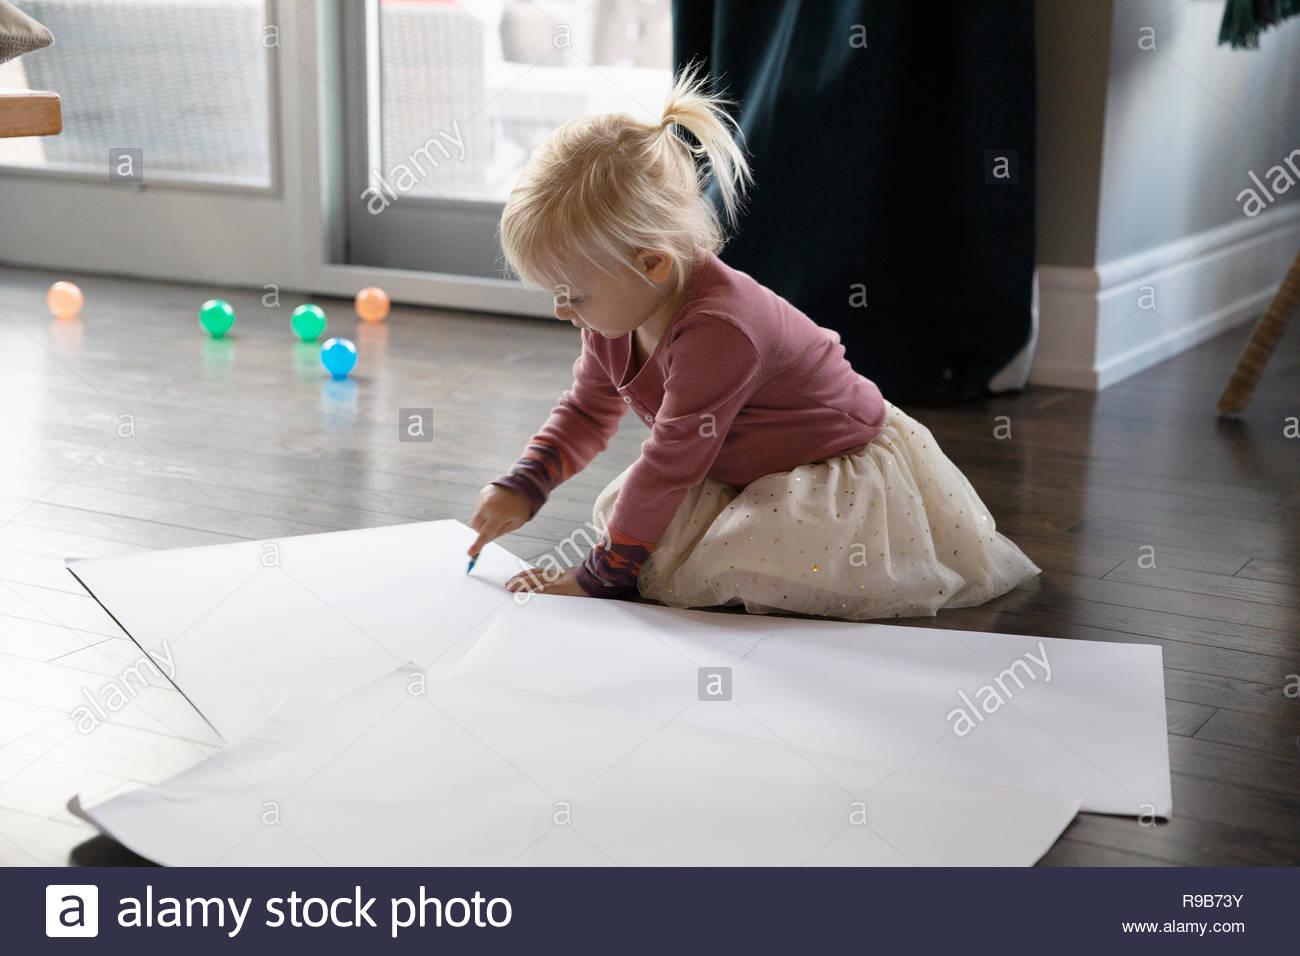 Süße Mädchen zeichnen, Färbung auf dem Boden Stockbild